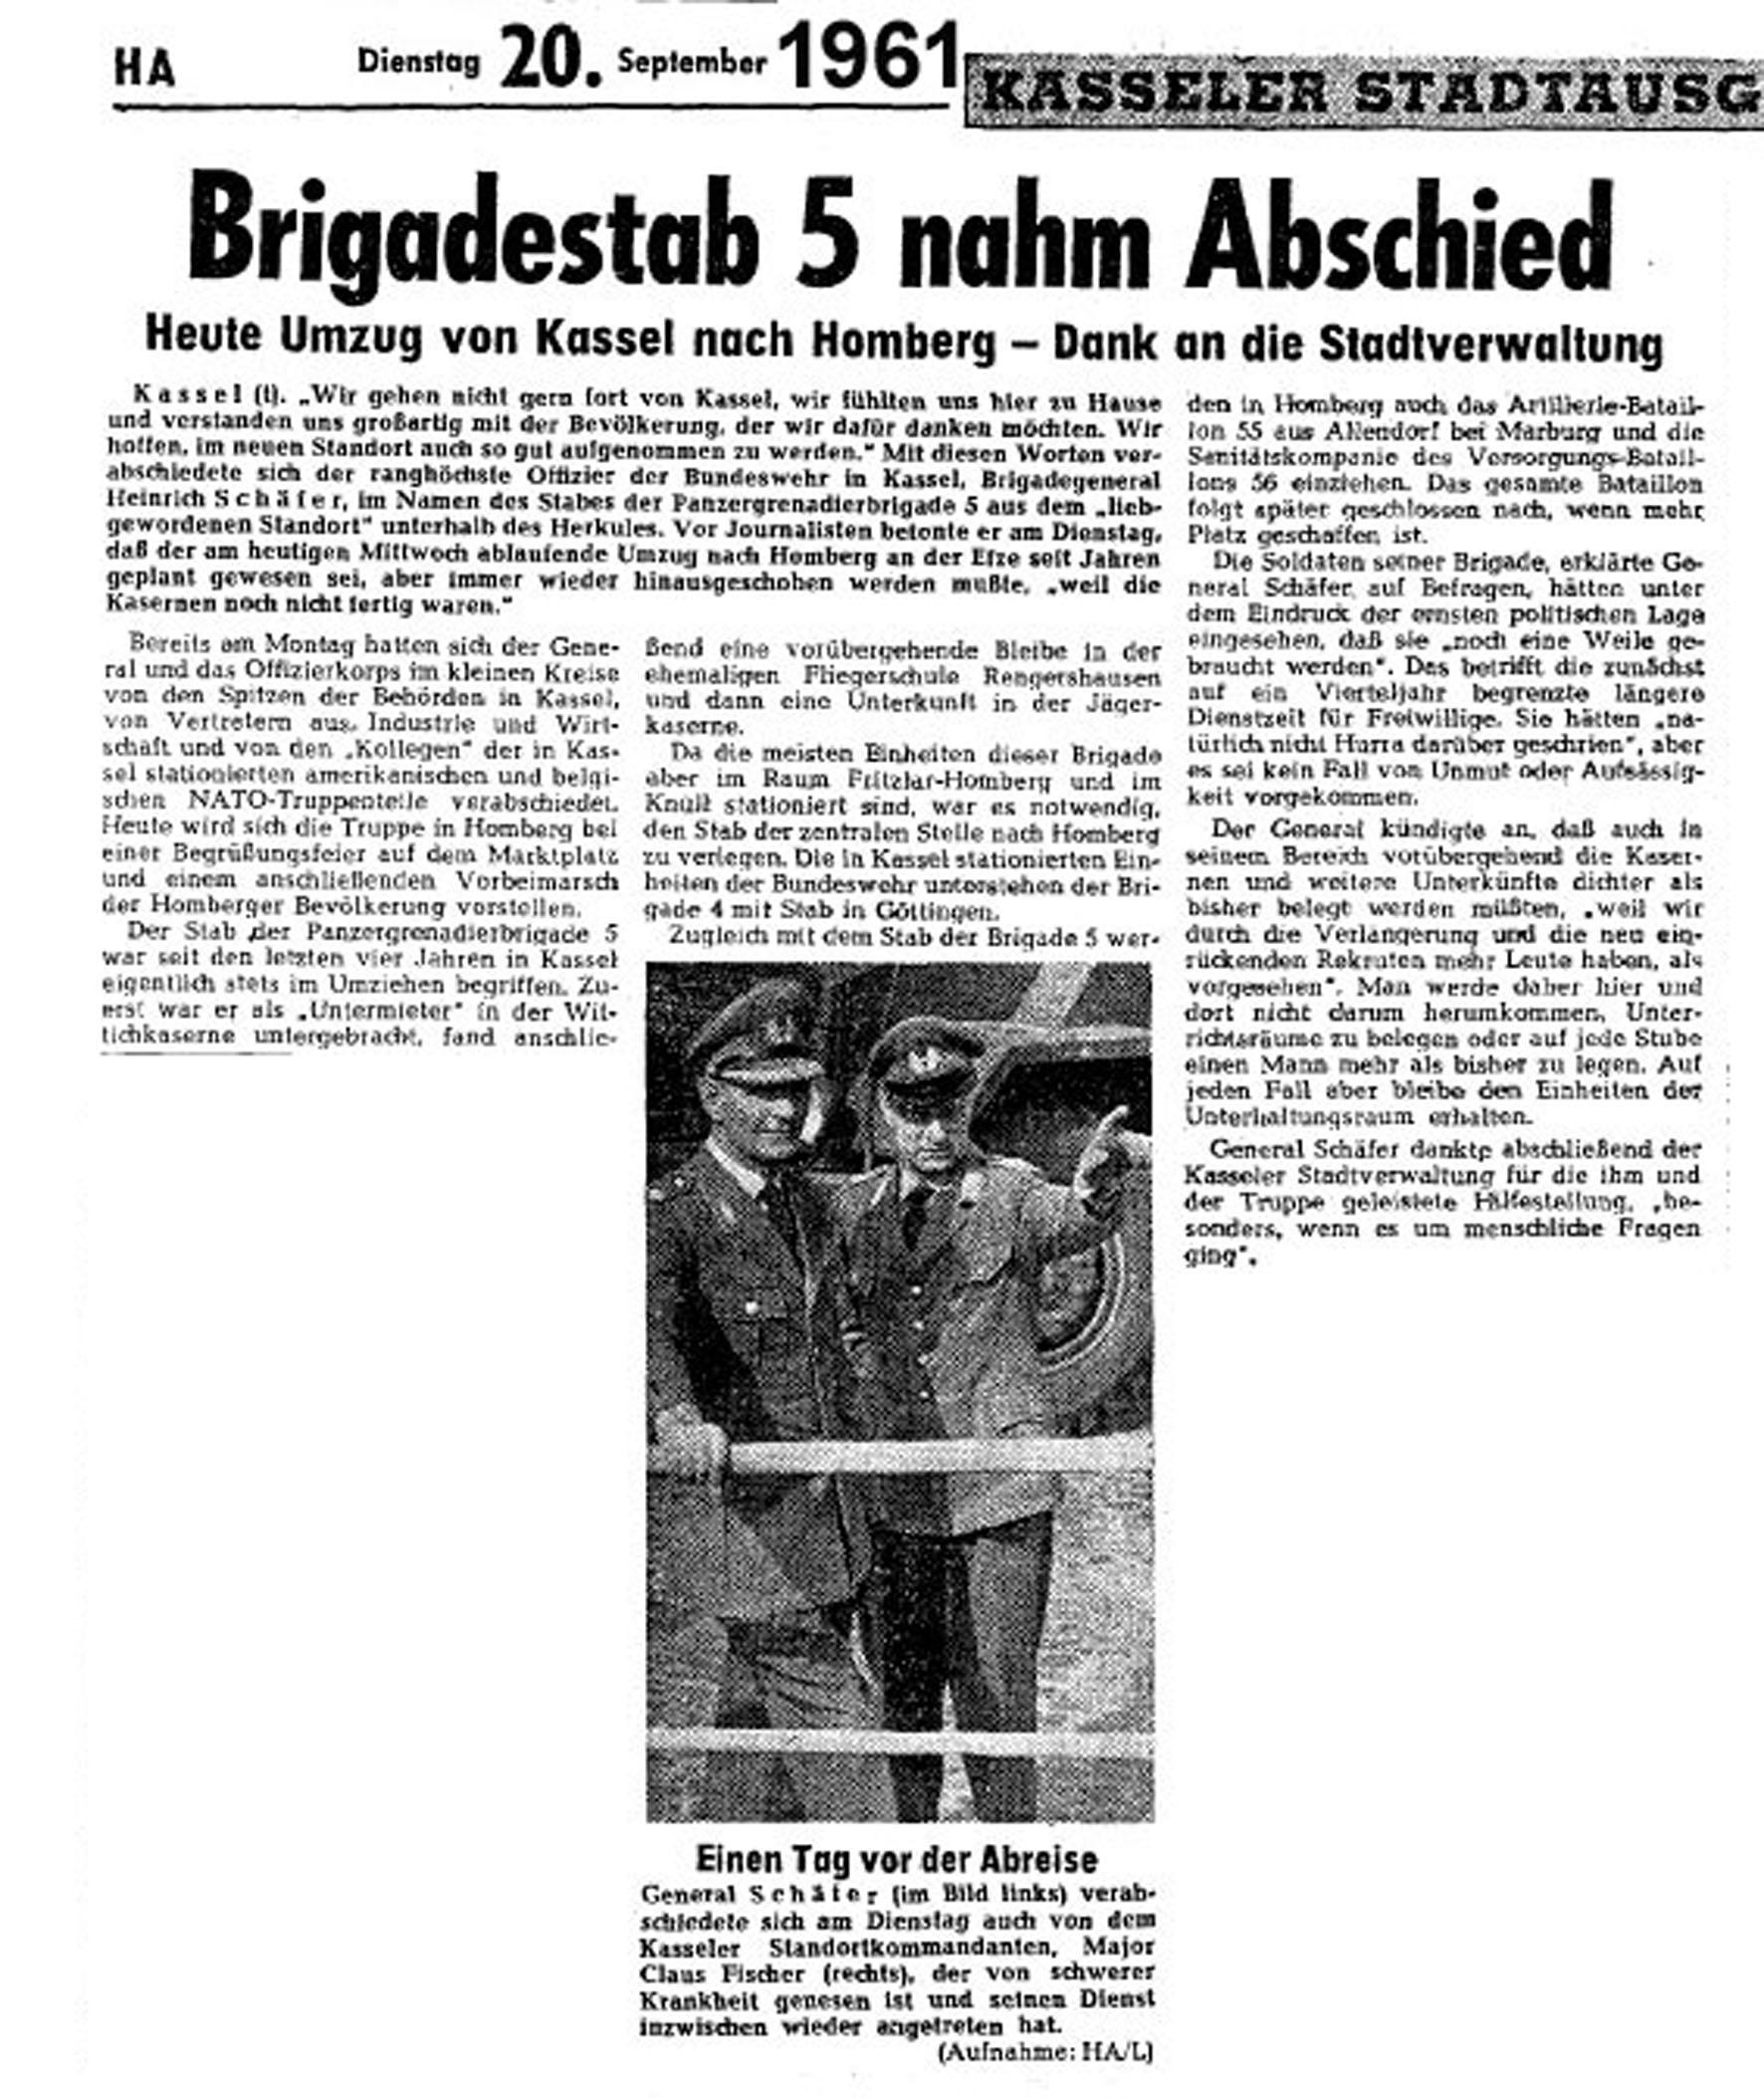 HNA-KSS_1961-09-20_Brig 5